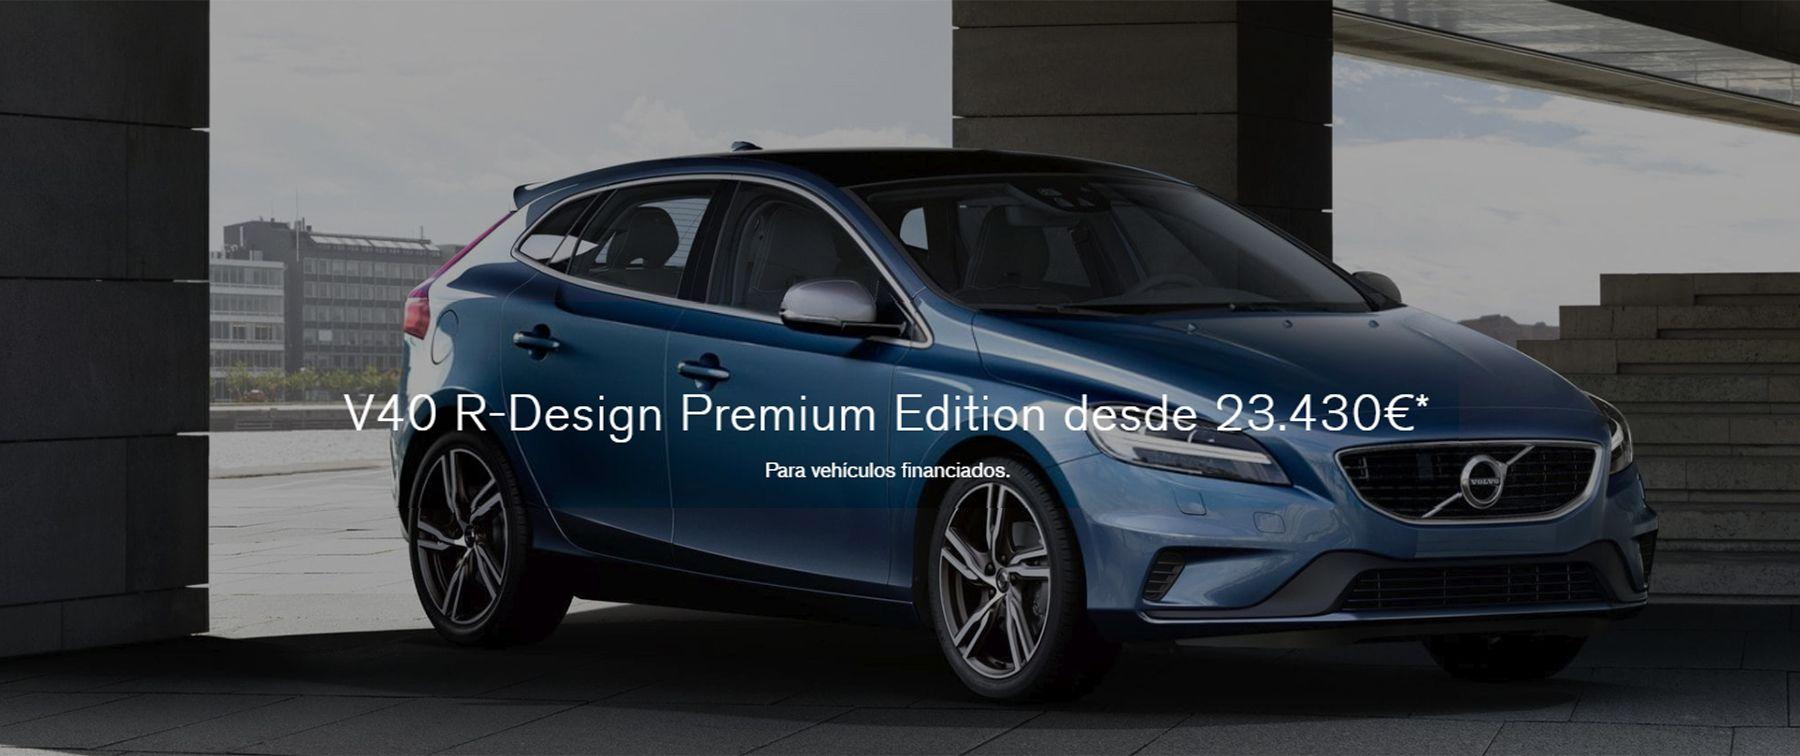 V40 T3 R-Design ahora desde 23.430€